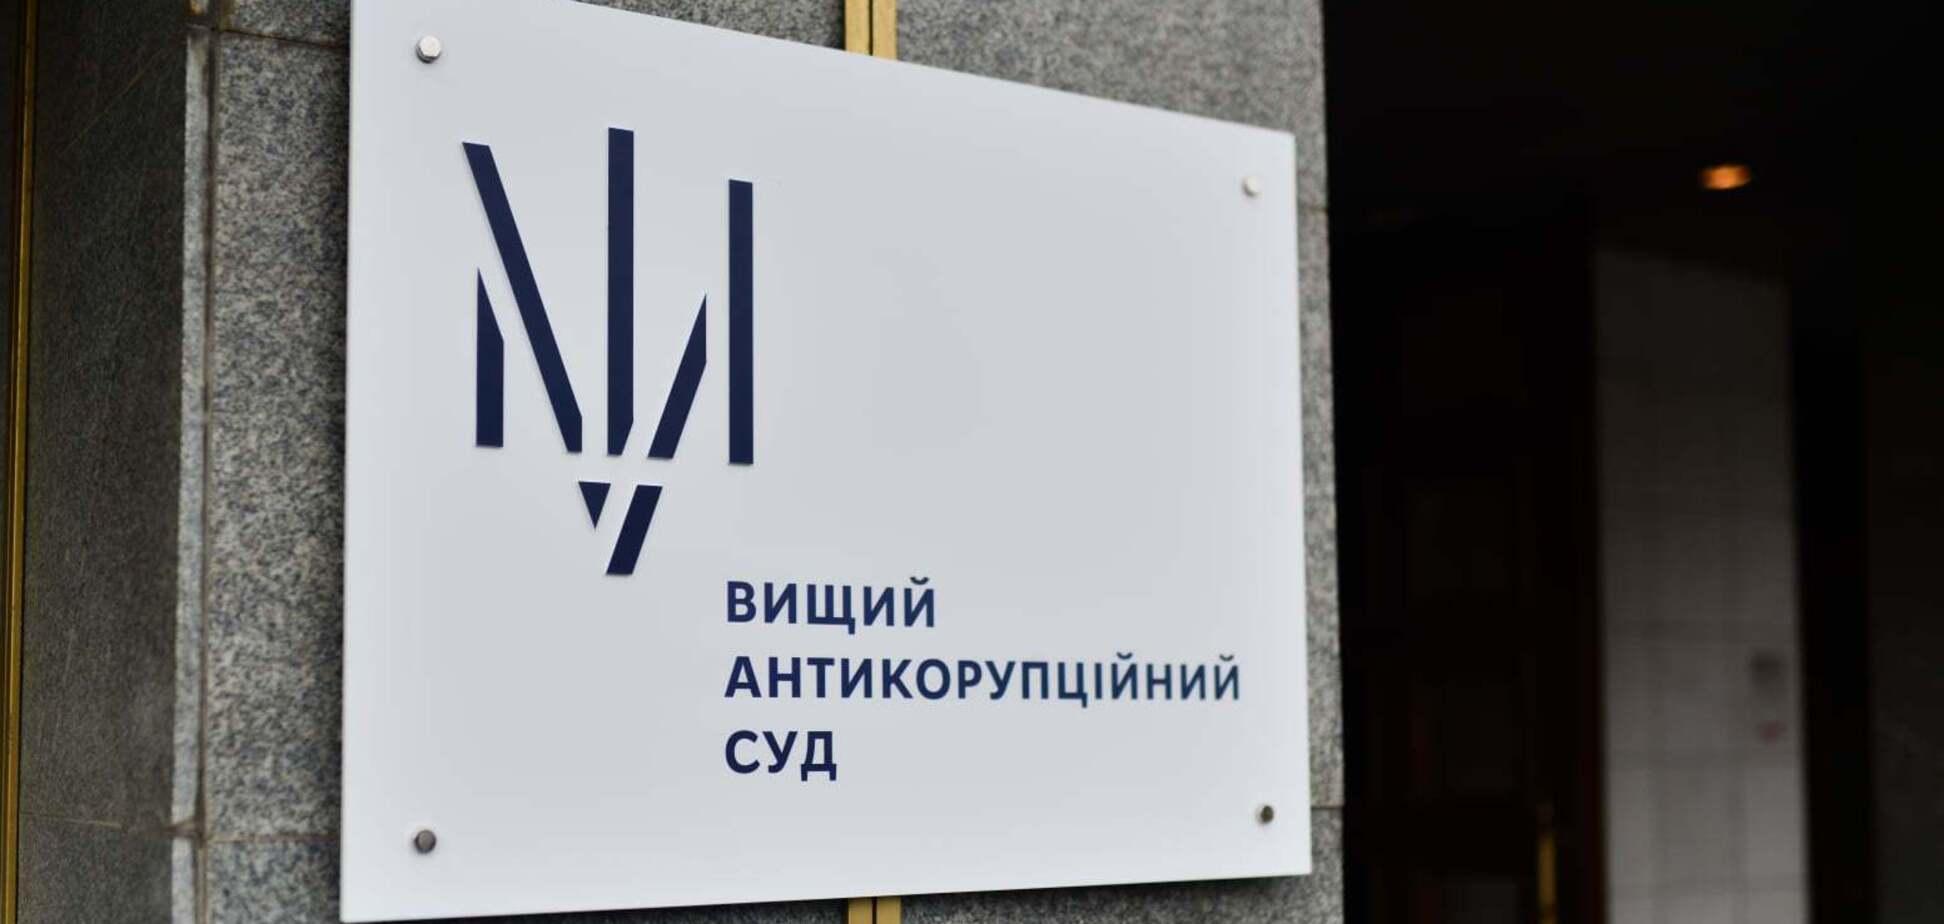 ВАКС не успел рассмотреть 10 дел. Фото lexinform.com.ua